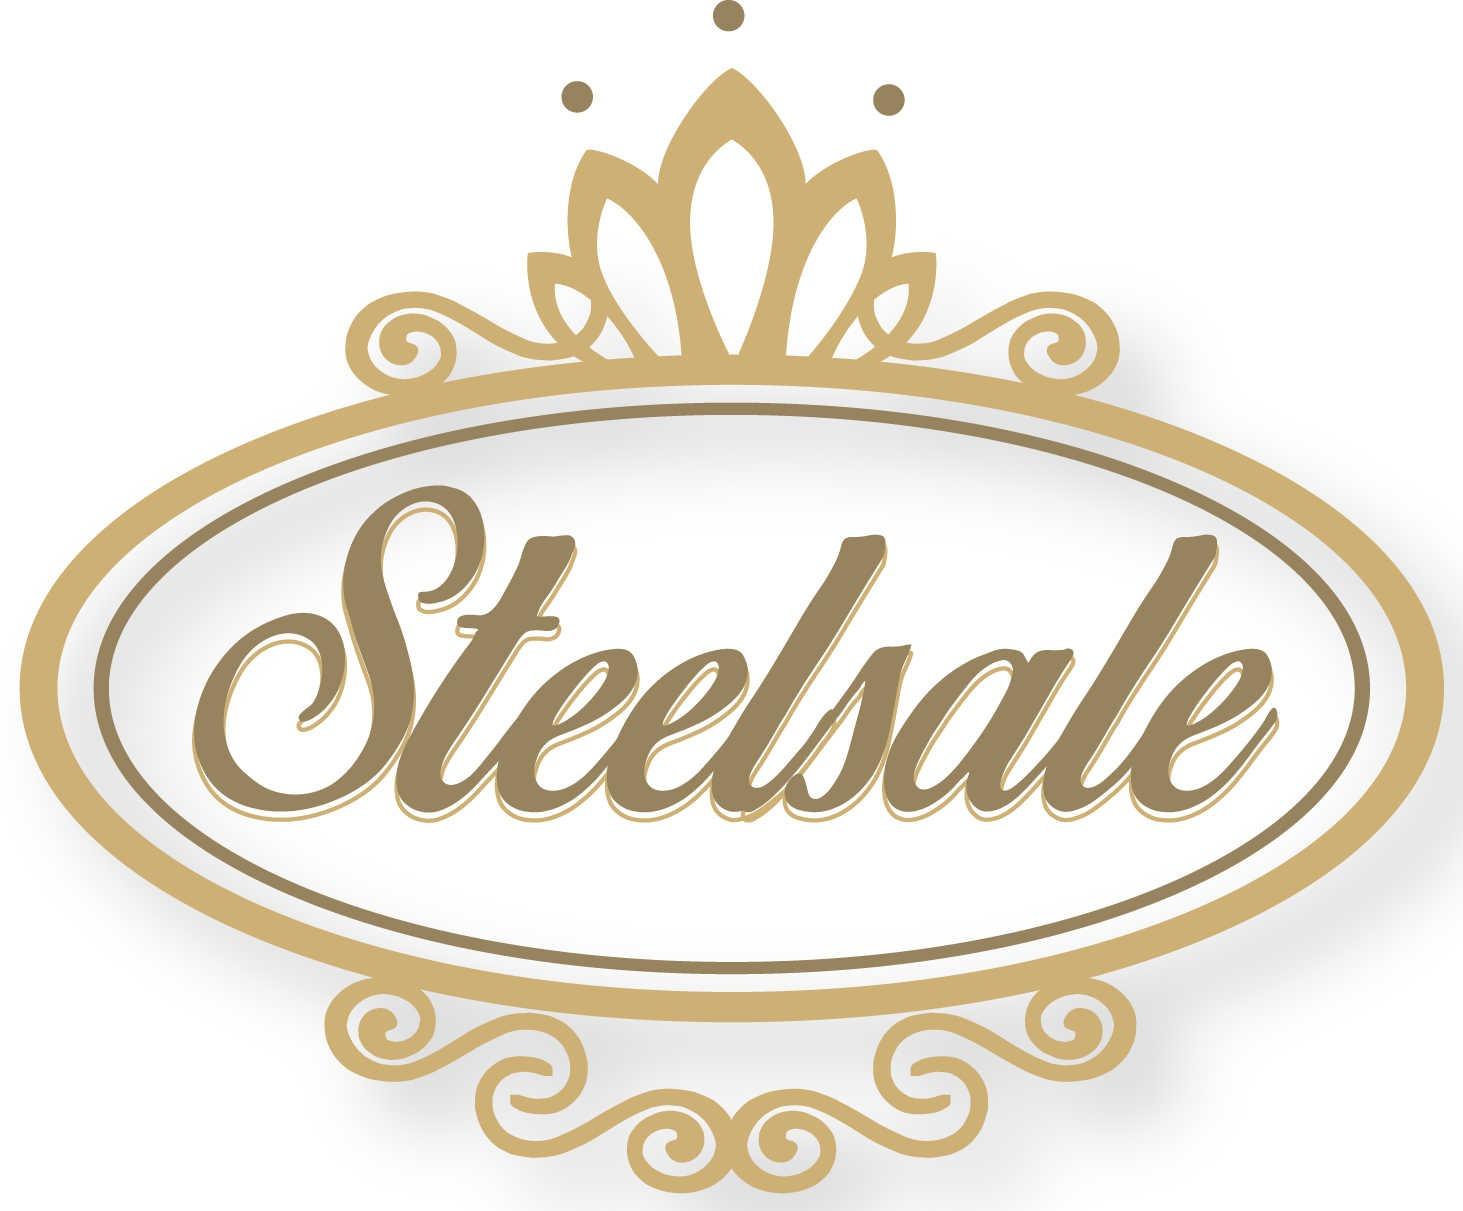 STEELSALE